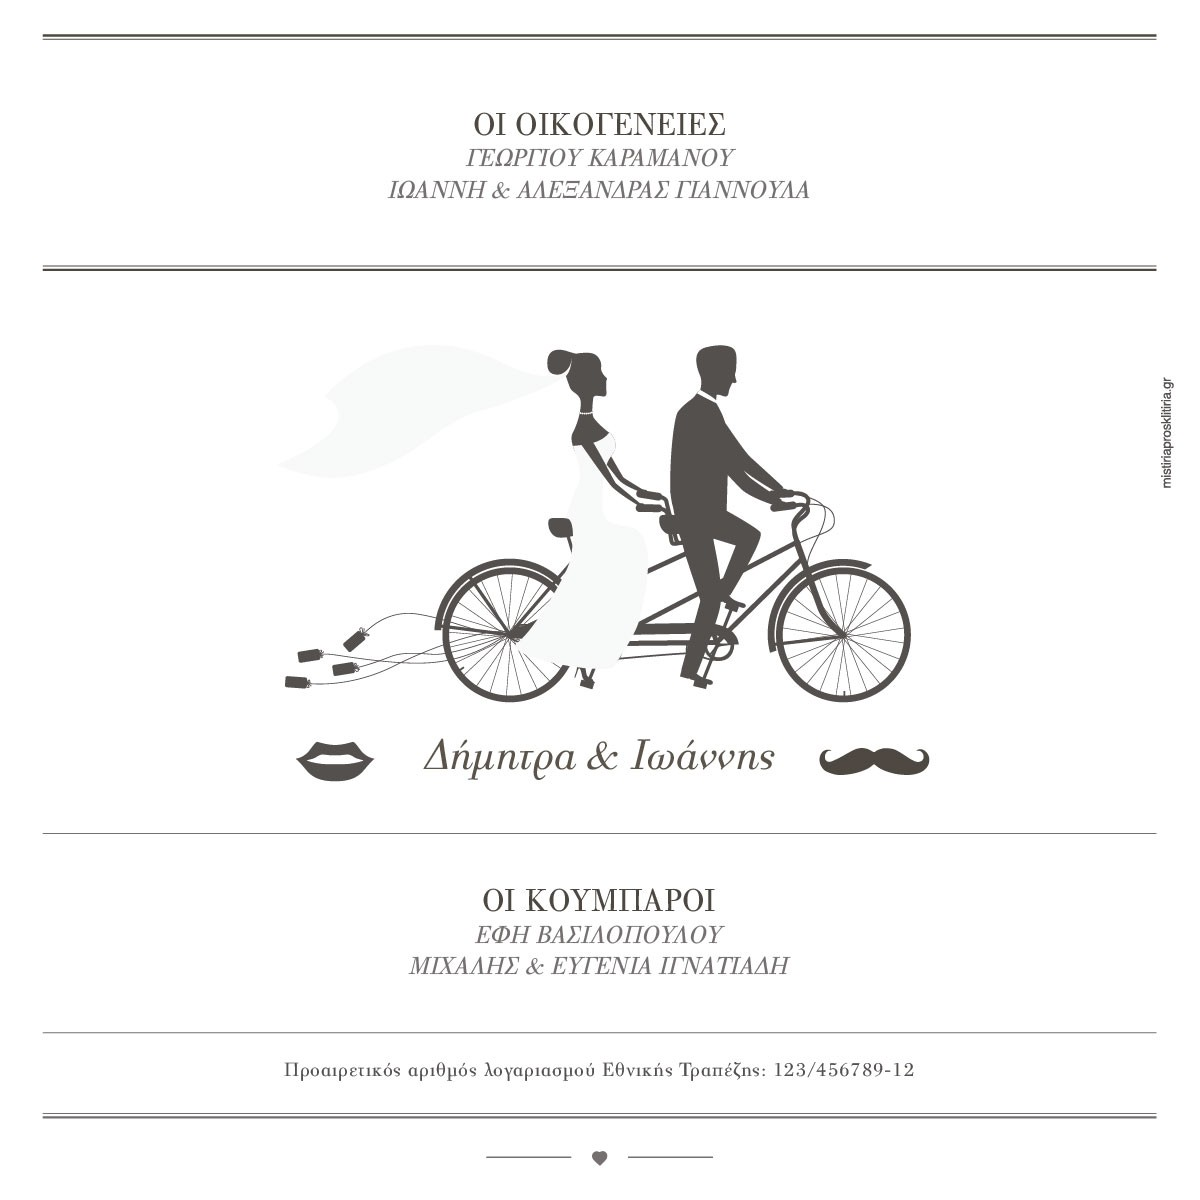 Νεόνυμφοι με ποδήλατο